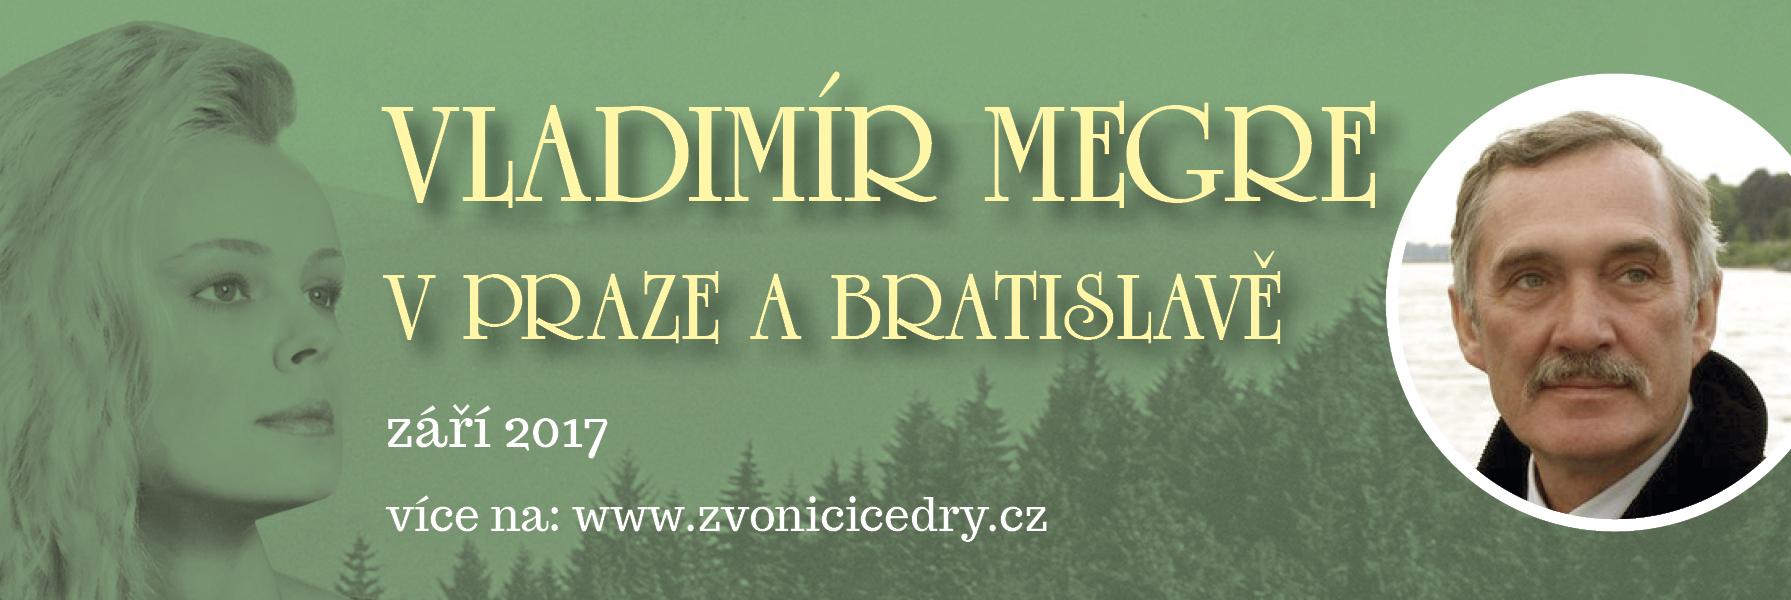 Banner Bratislava